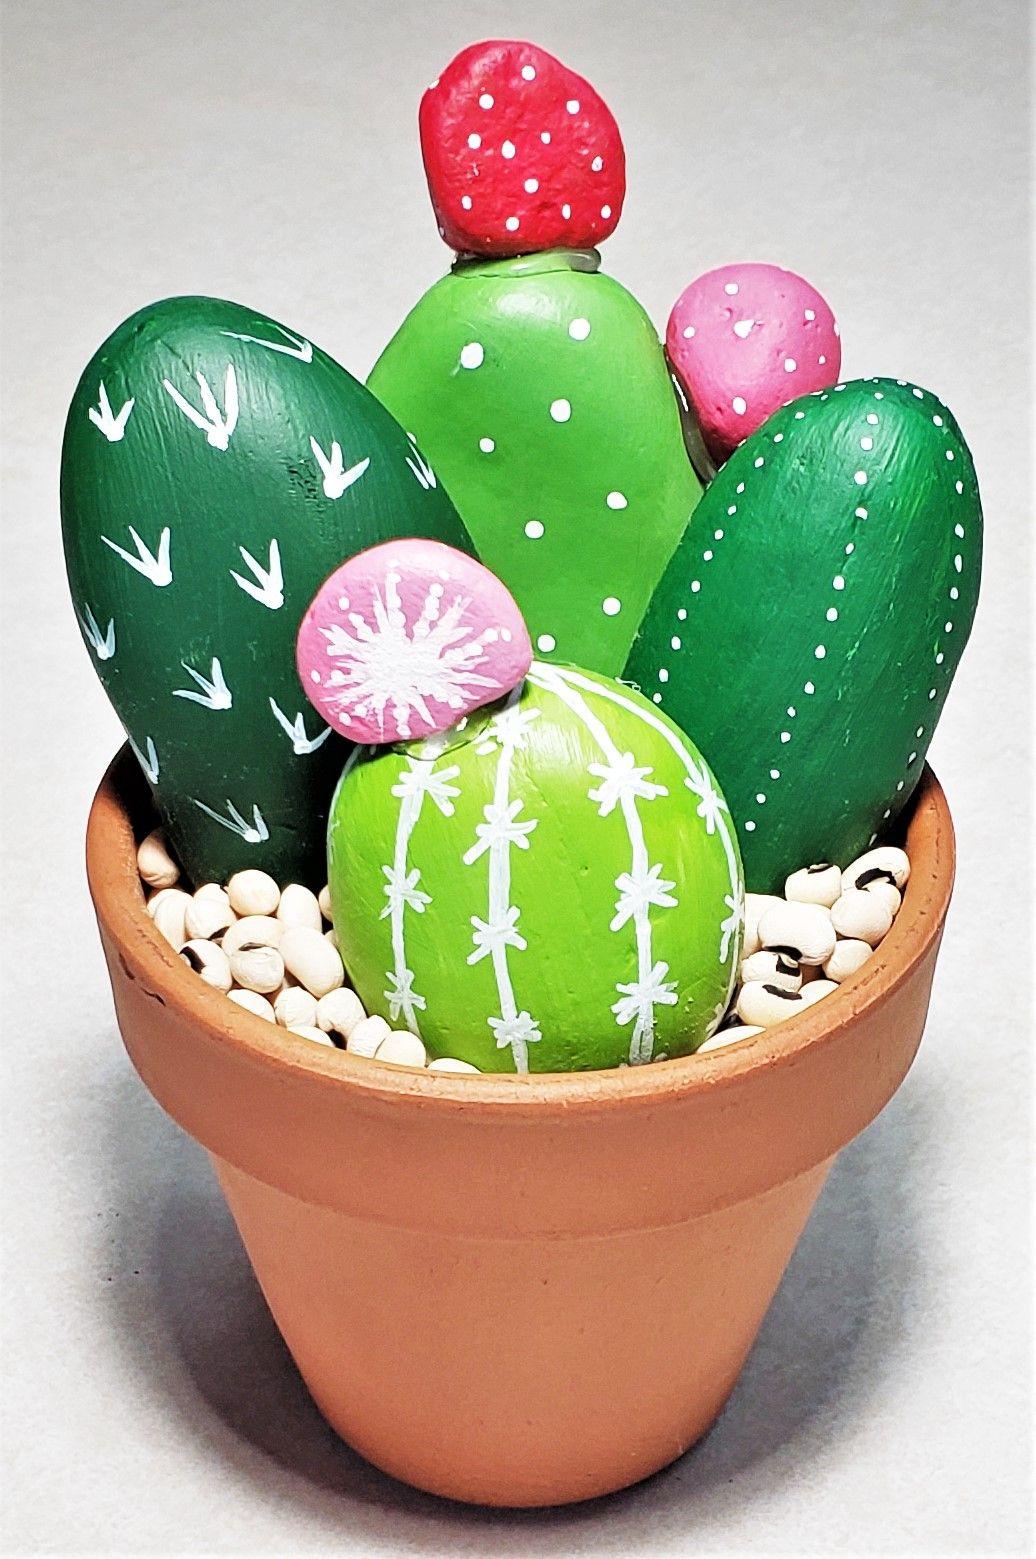 Painted Rock Cactus Garden Craft